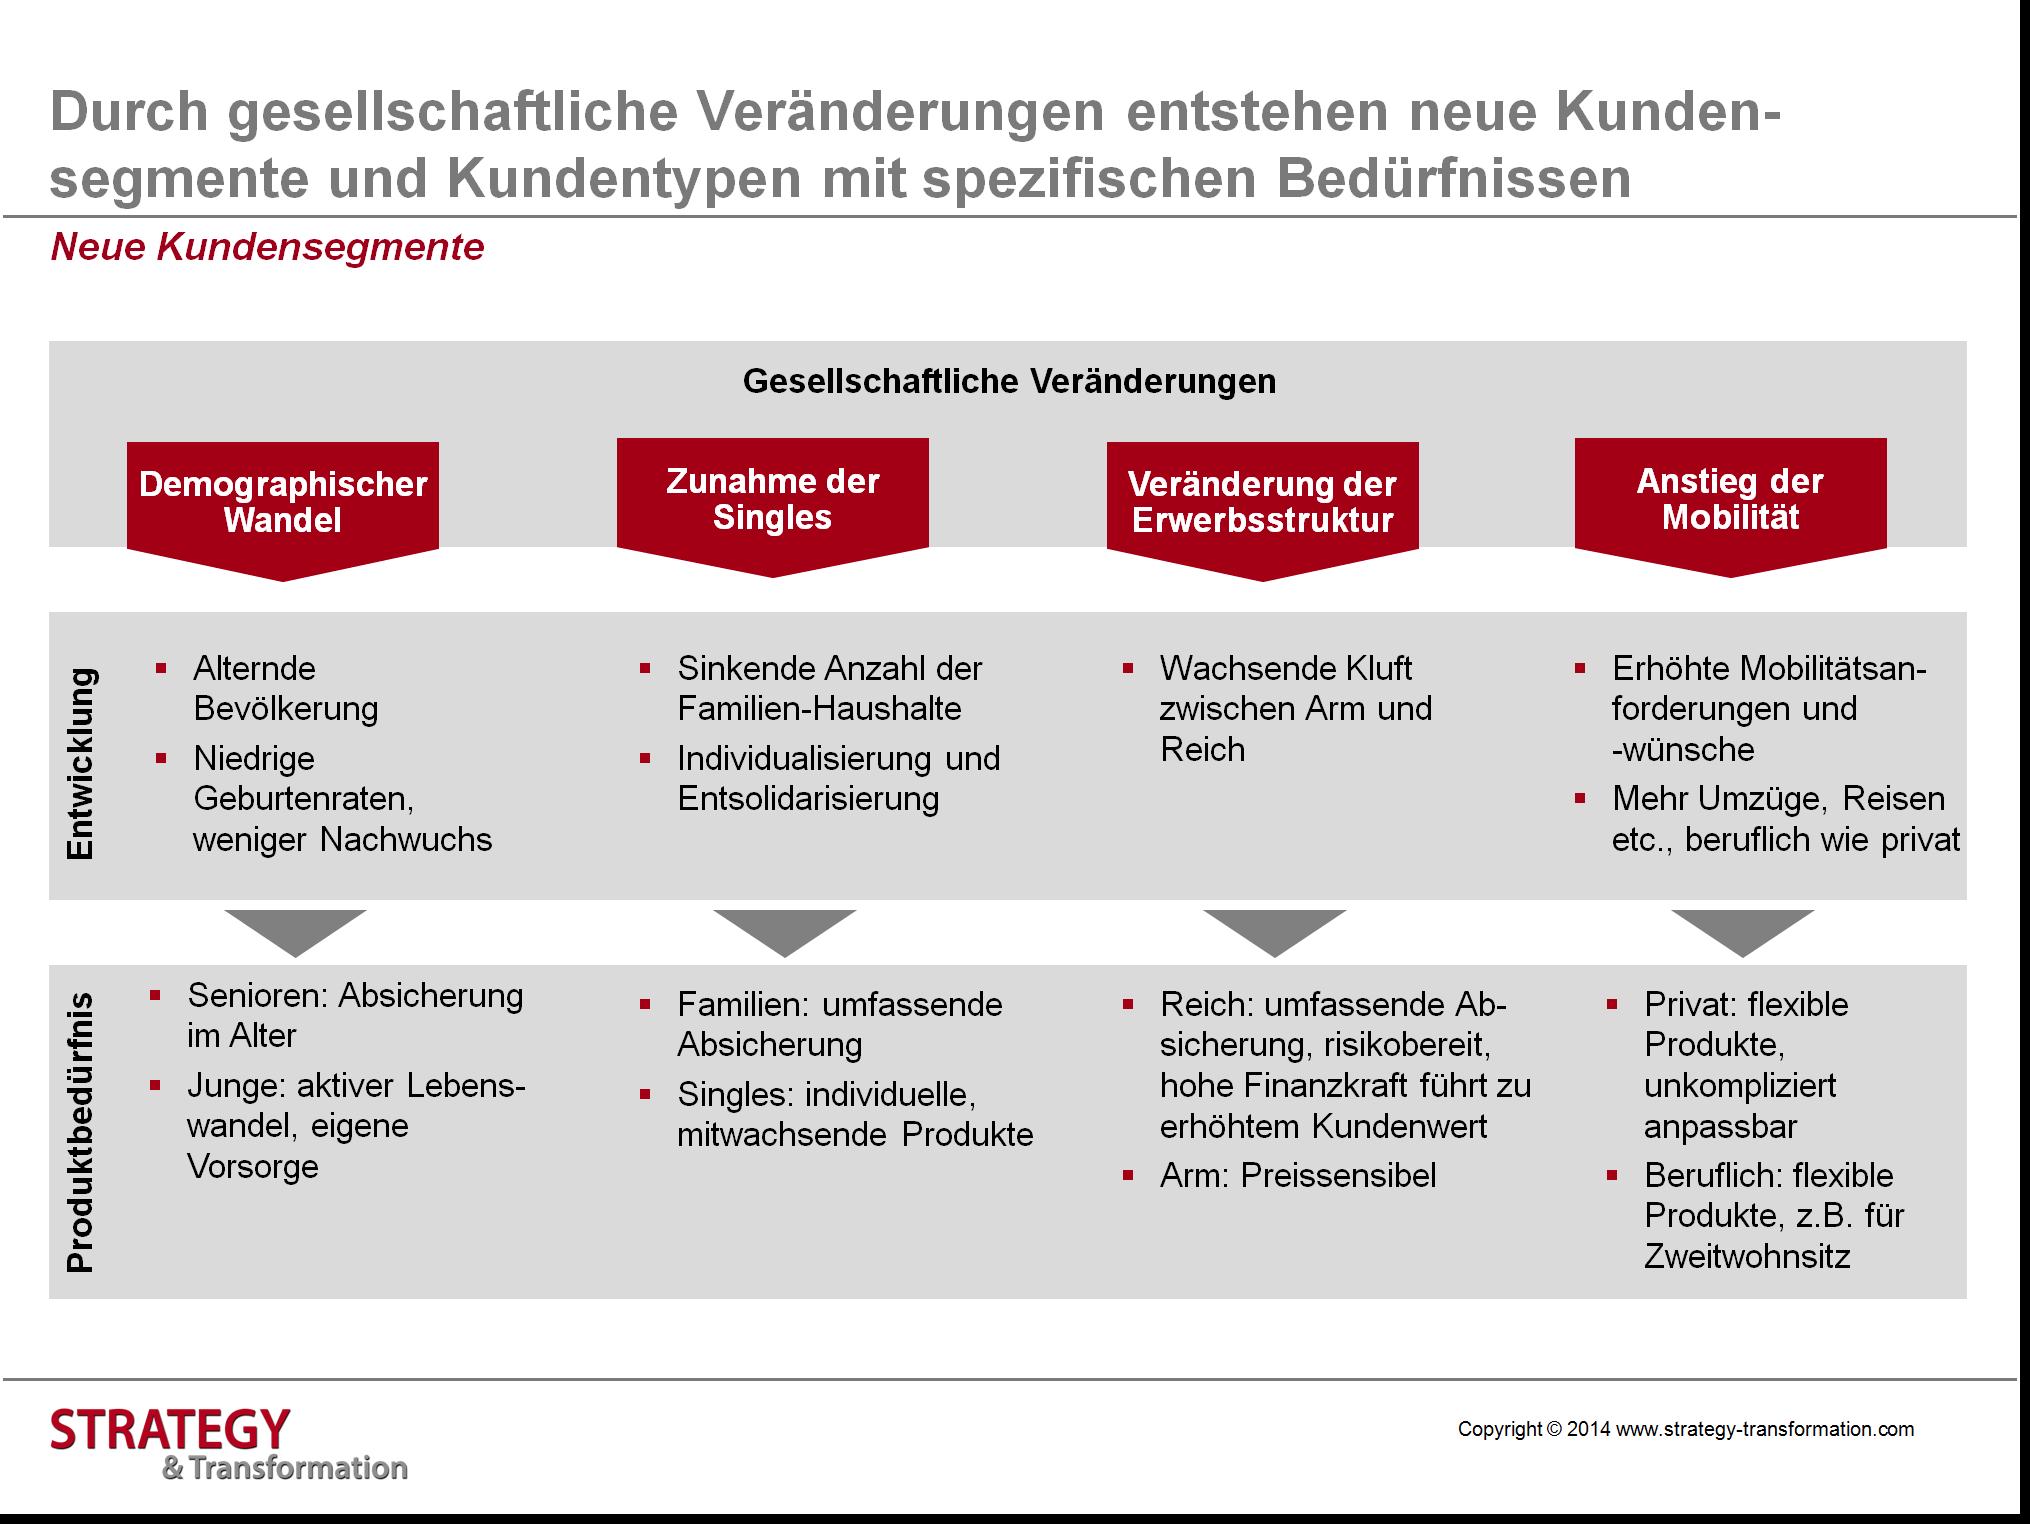 Digitale Transformation Versicherung_Neue Kundensegmente